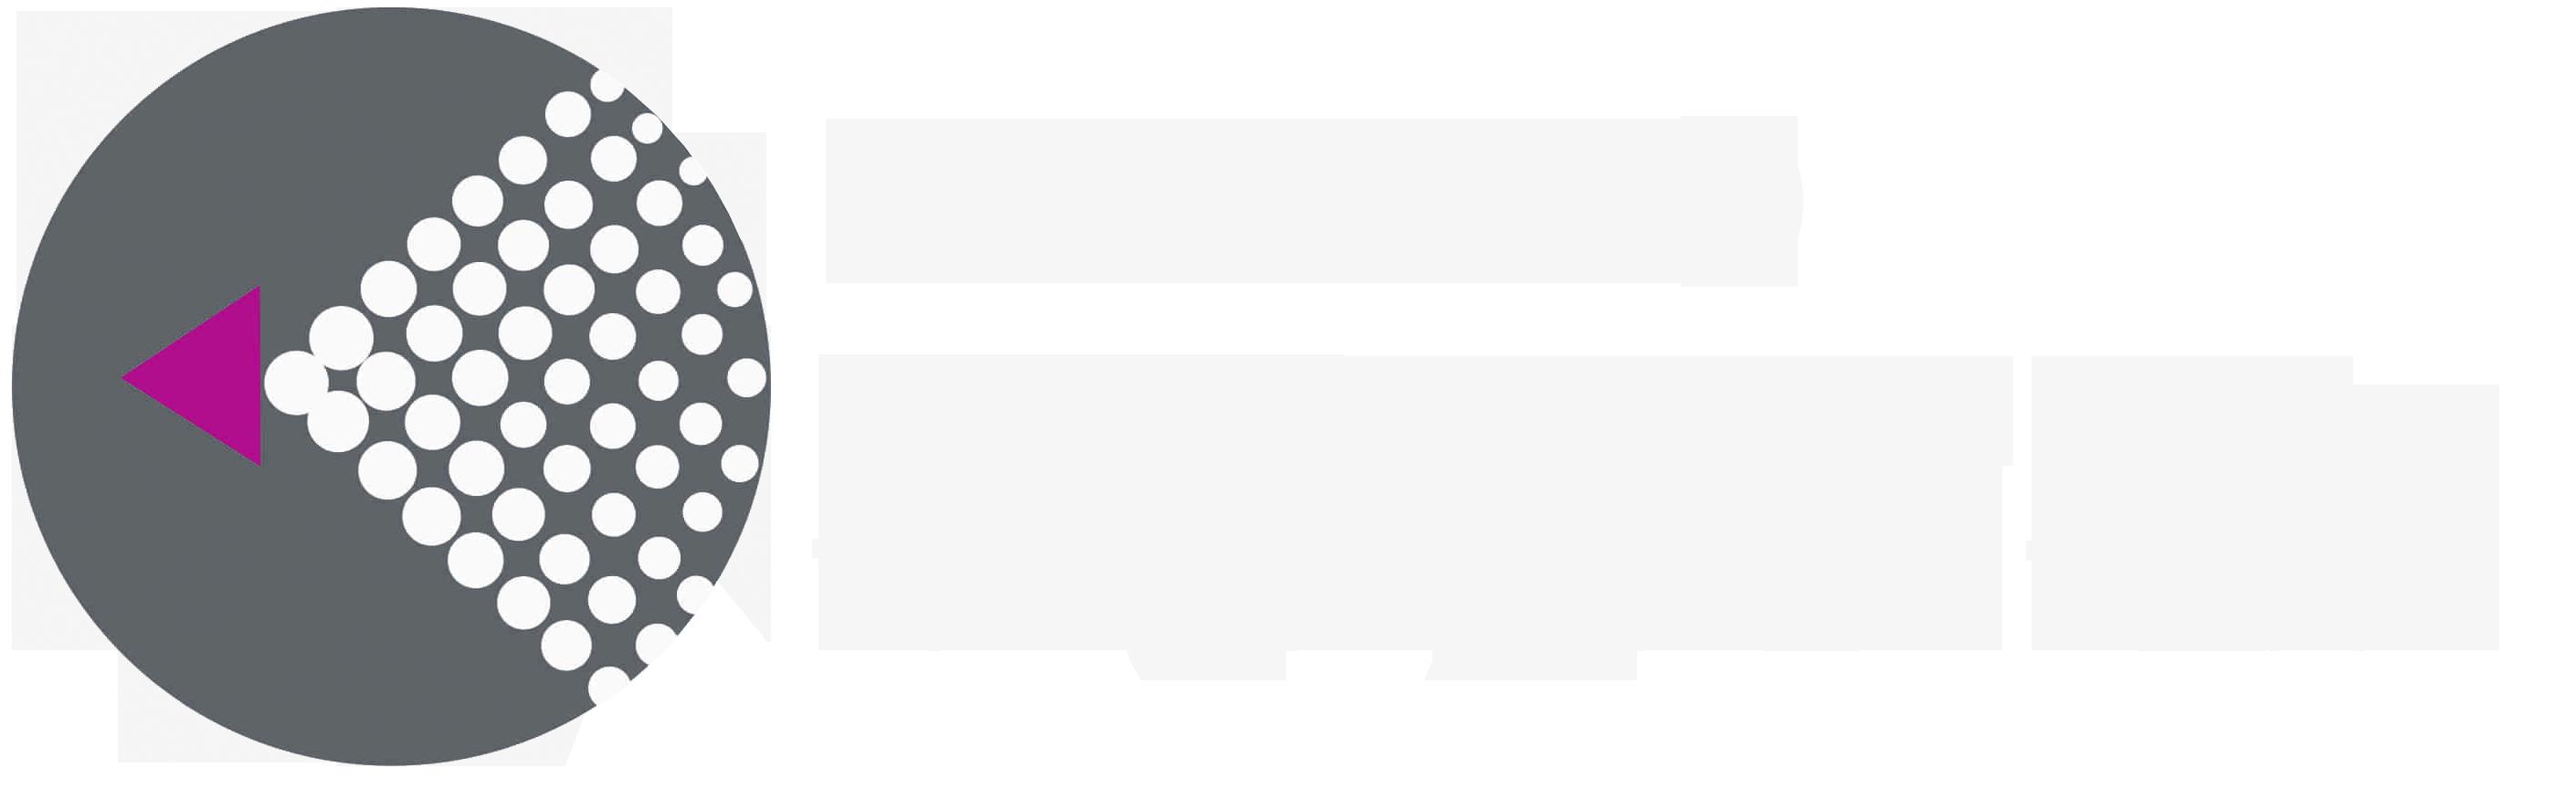 lacadosbellido.es